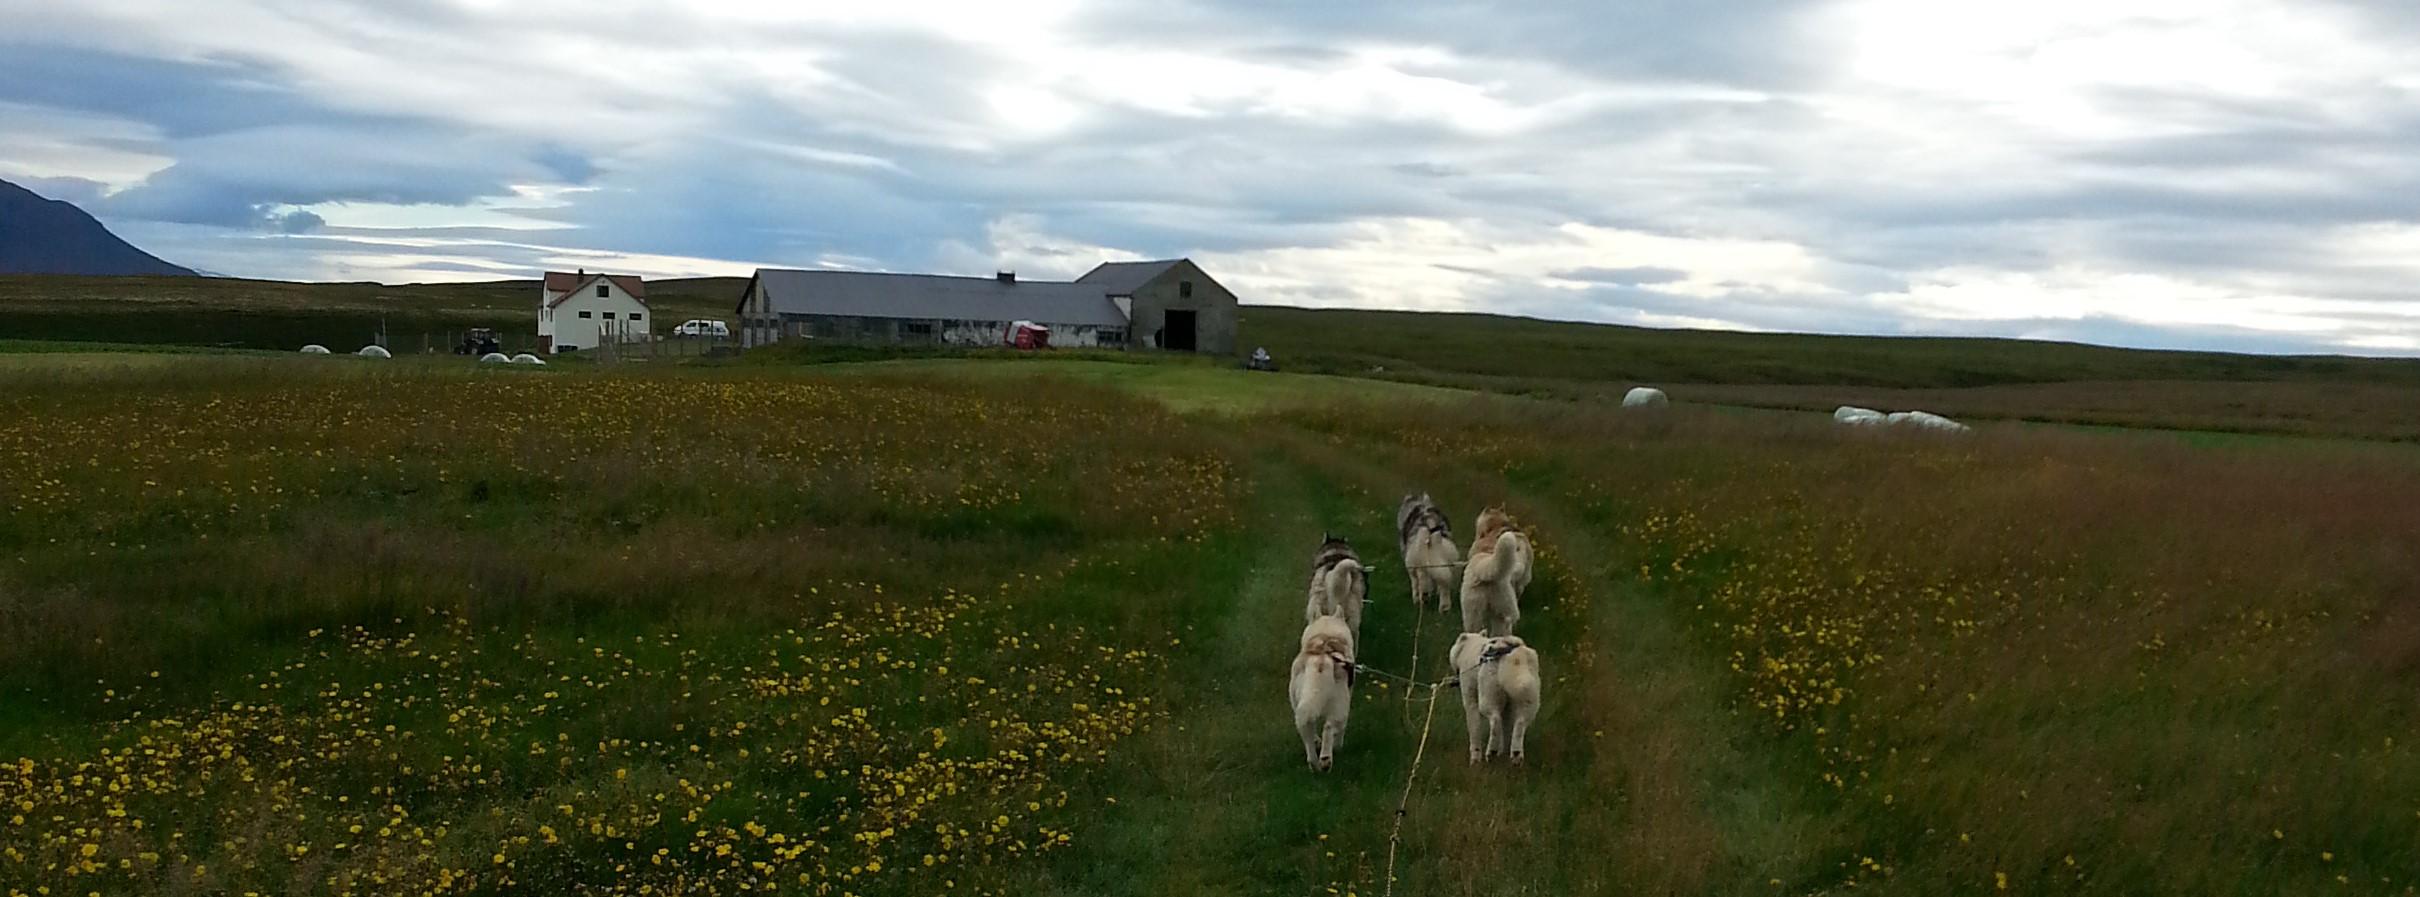 参加狗拉车旅行团,领略冰岛北部的乡间景色。